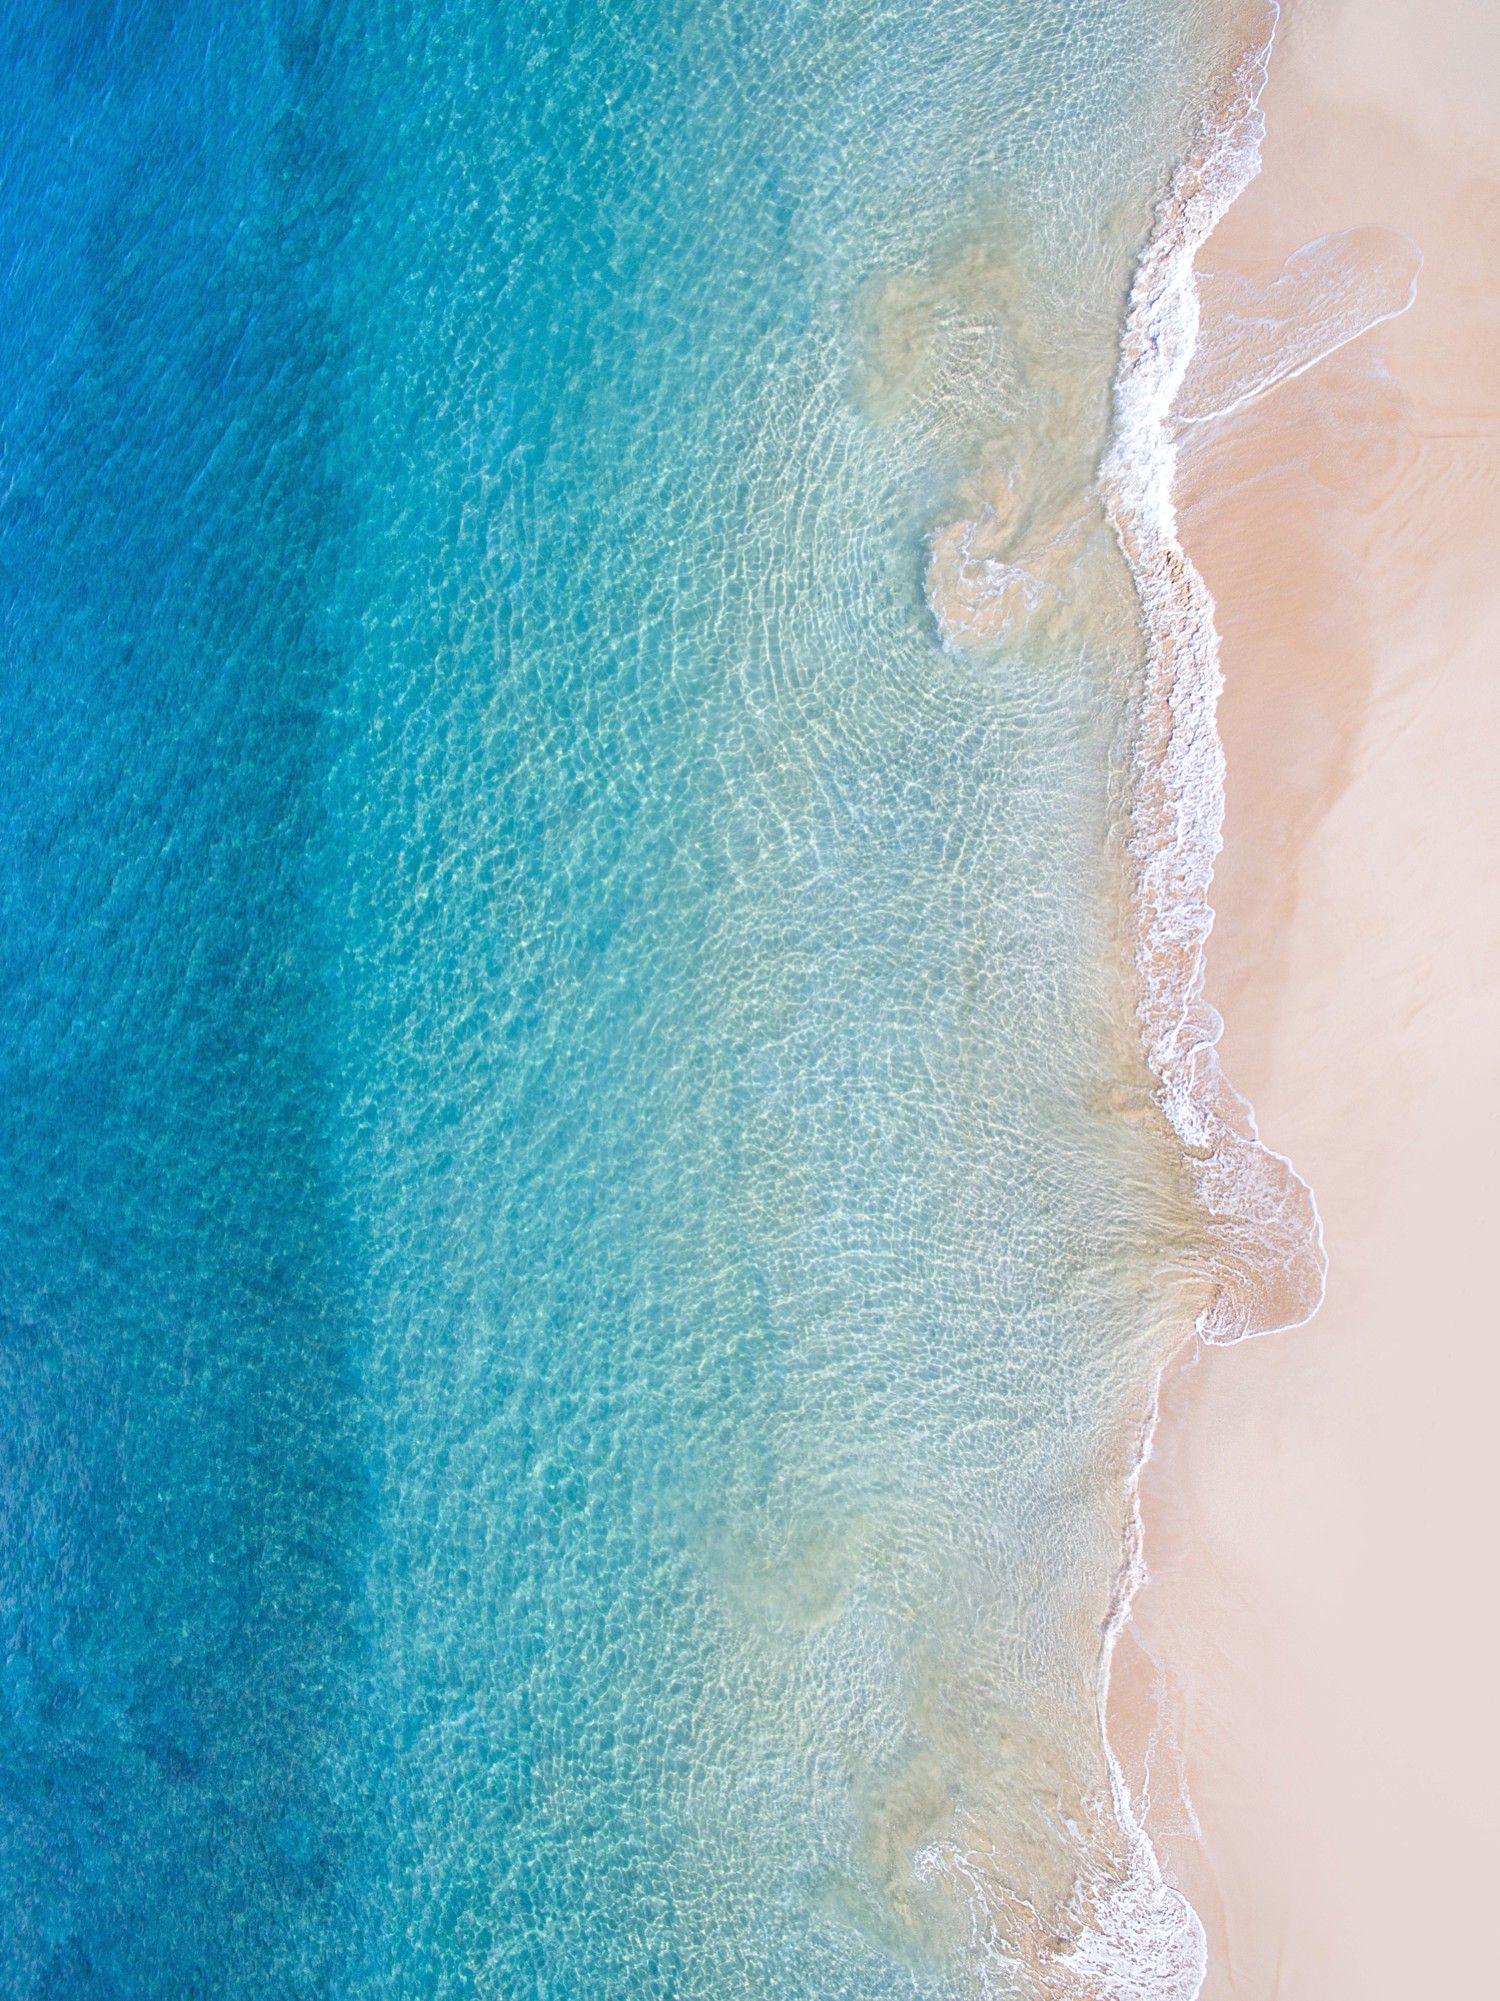 Maui Trash The Dress Drone Photography Love Water Drone Photography Ocean Photography Water Photography